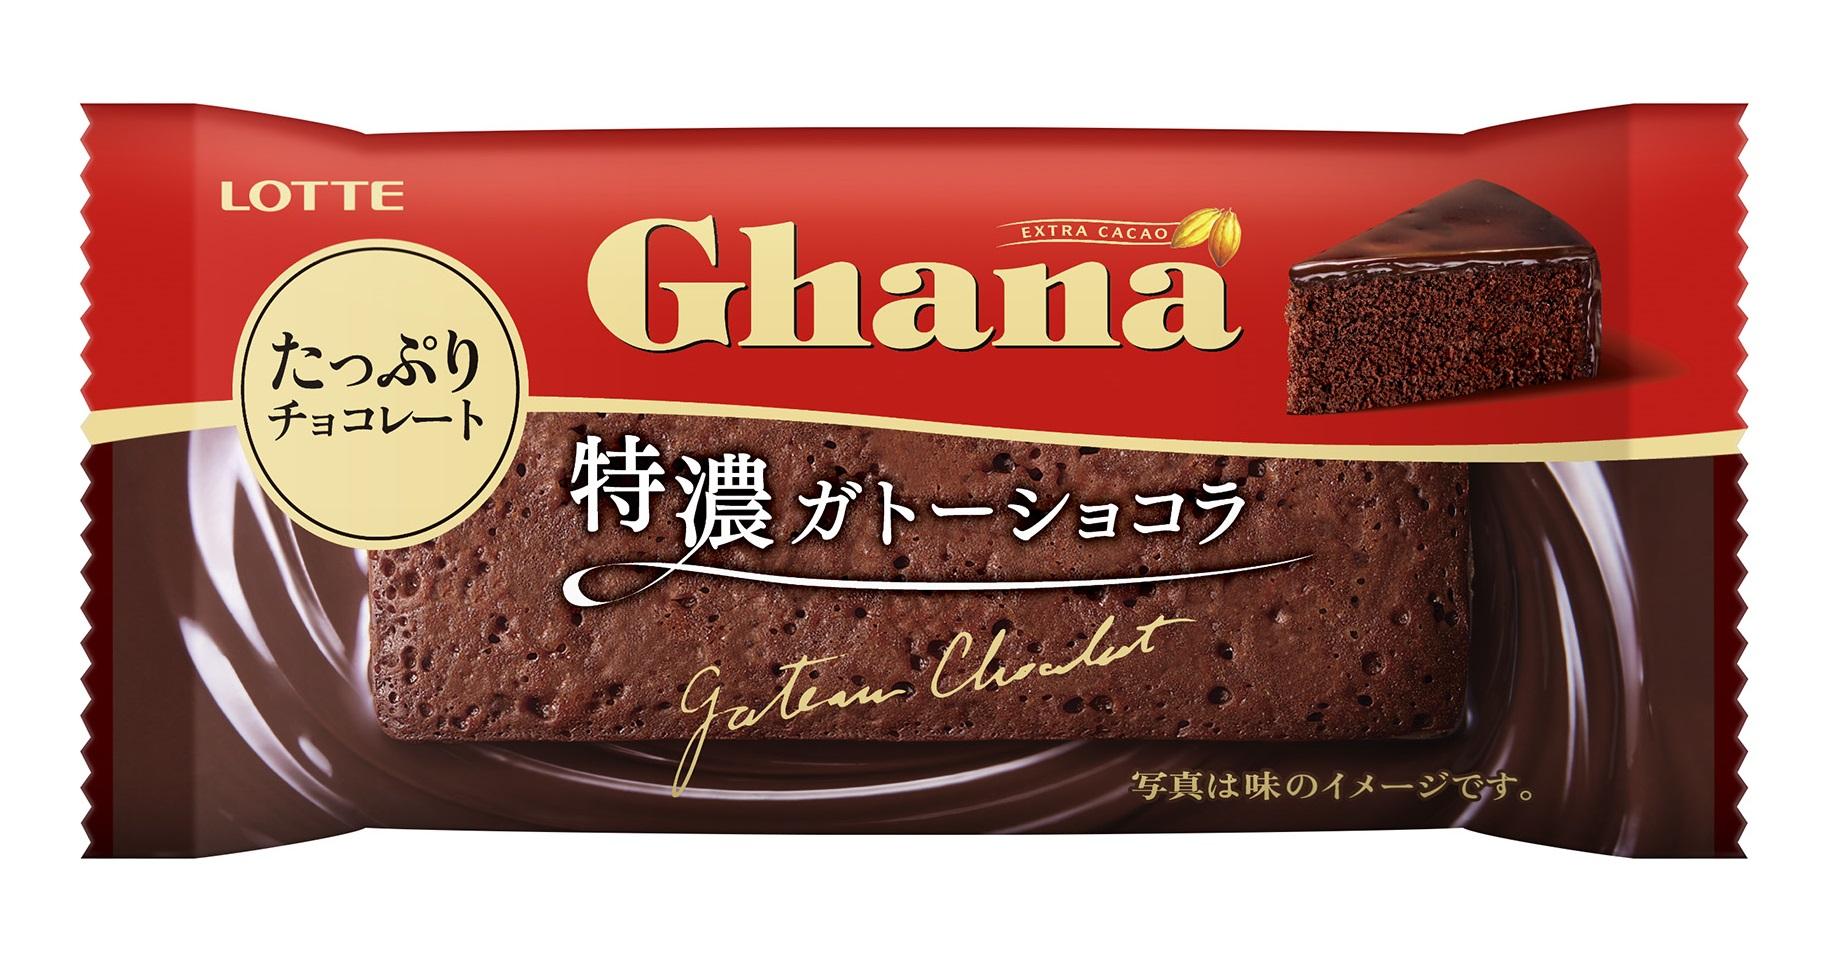 この季節ならではの濃厚な味わい!『ガーナシリーズ』から新製品が登場🍫💞